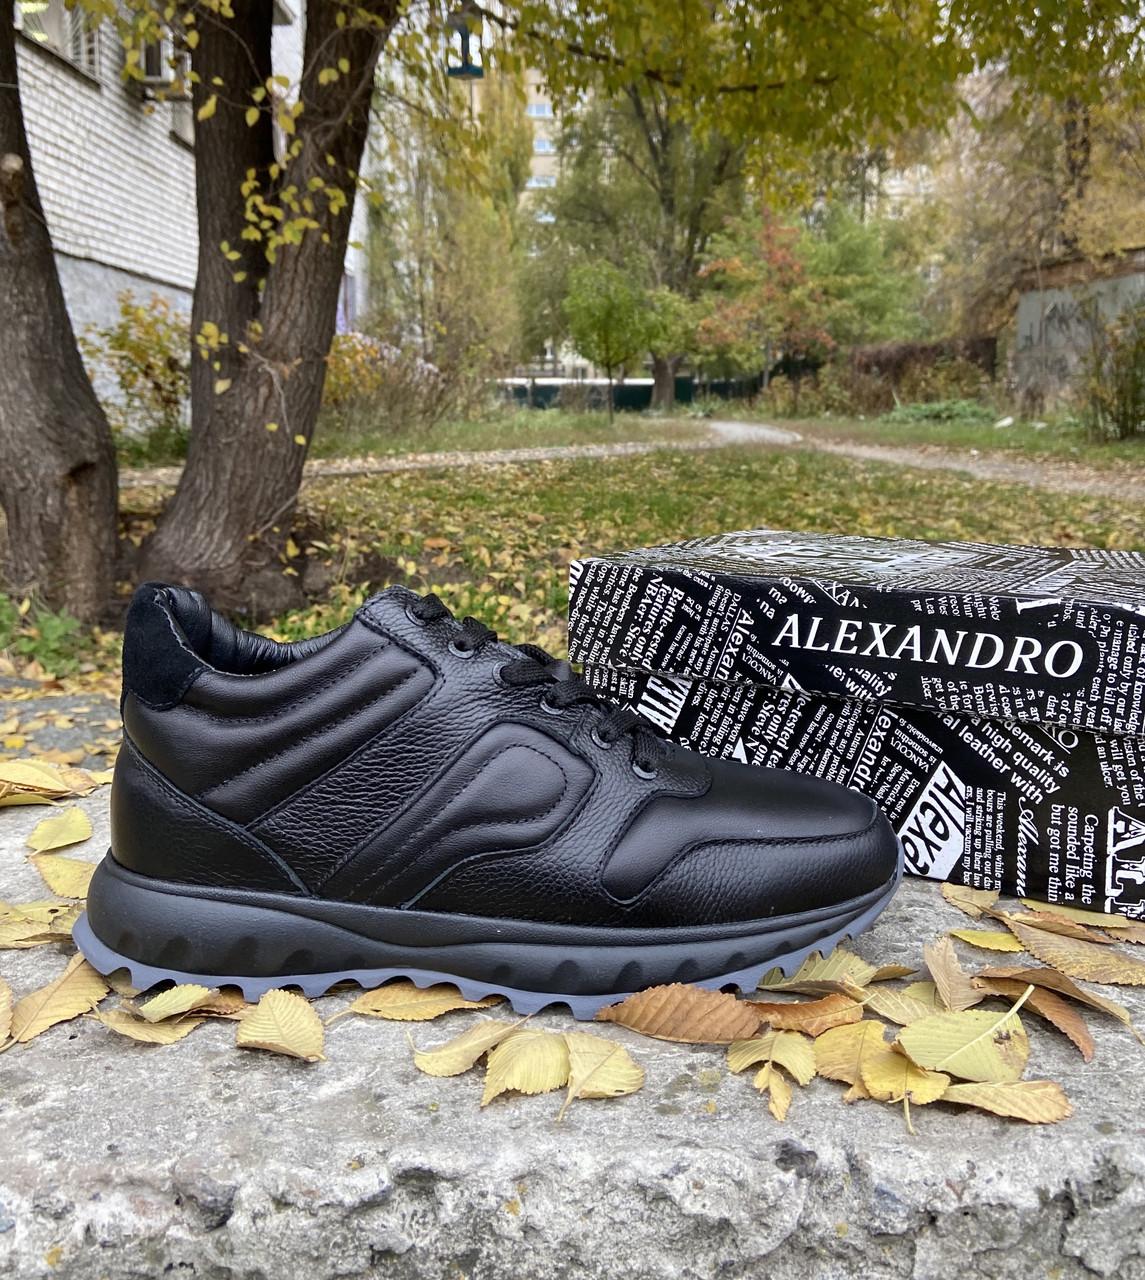 Мужские зимние кроссовки ALEXANDRO натуральная кожа 40